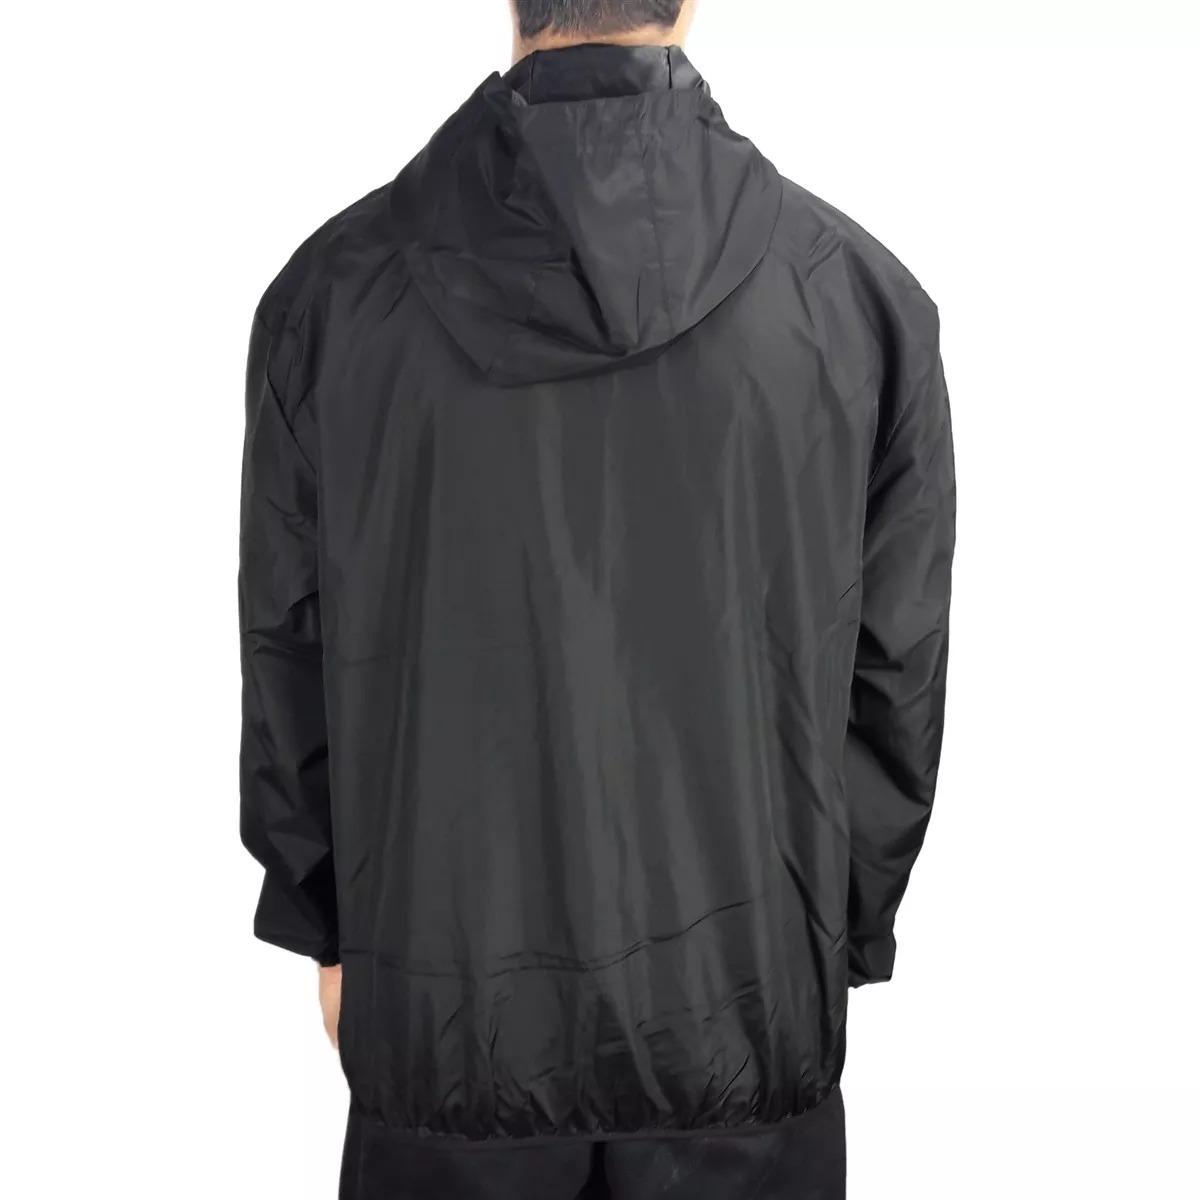 cdf702cf9 jaqueta corta vento wind nfl - new era - preta. Carregando zoom.